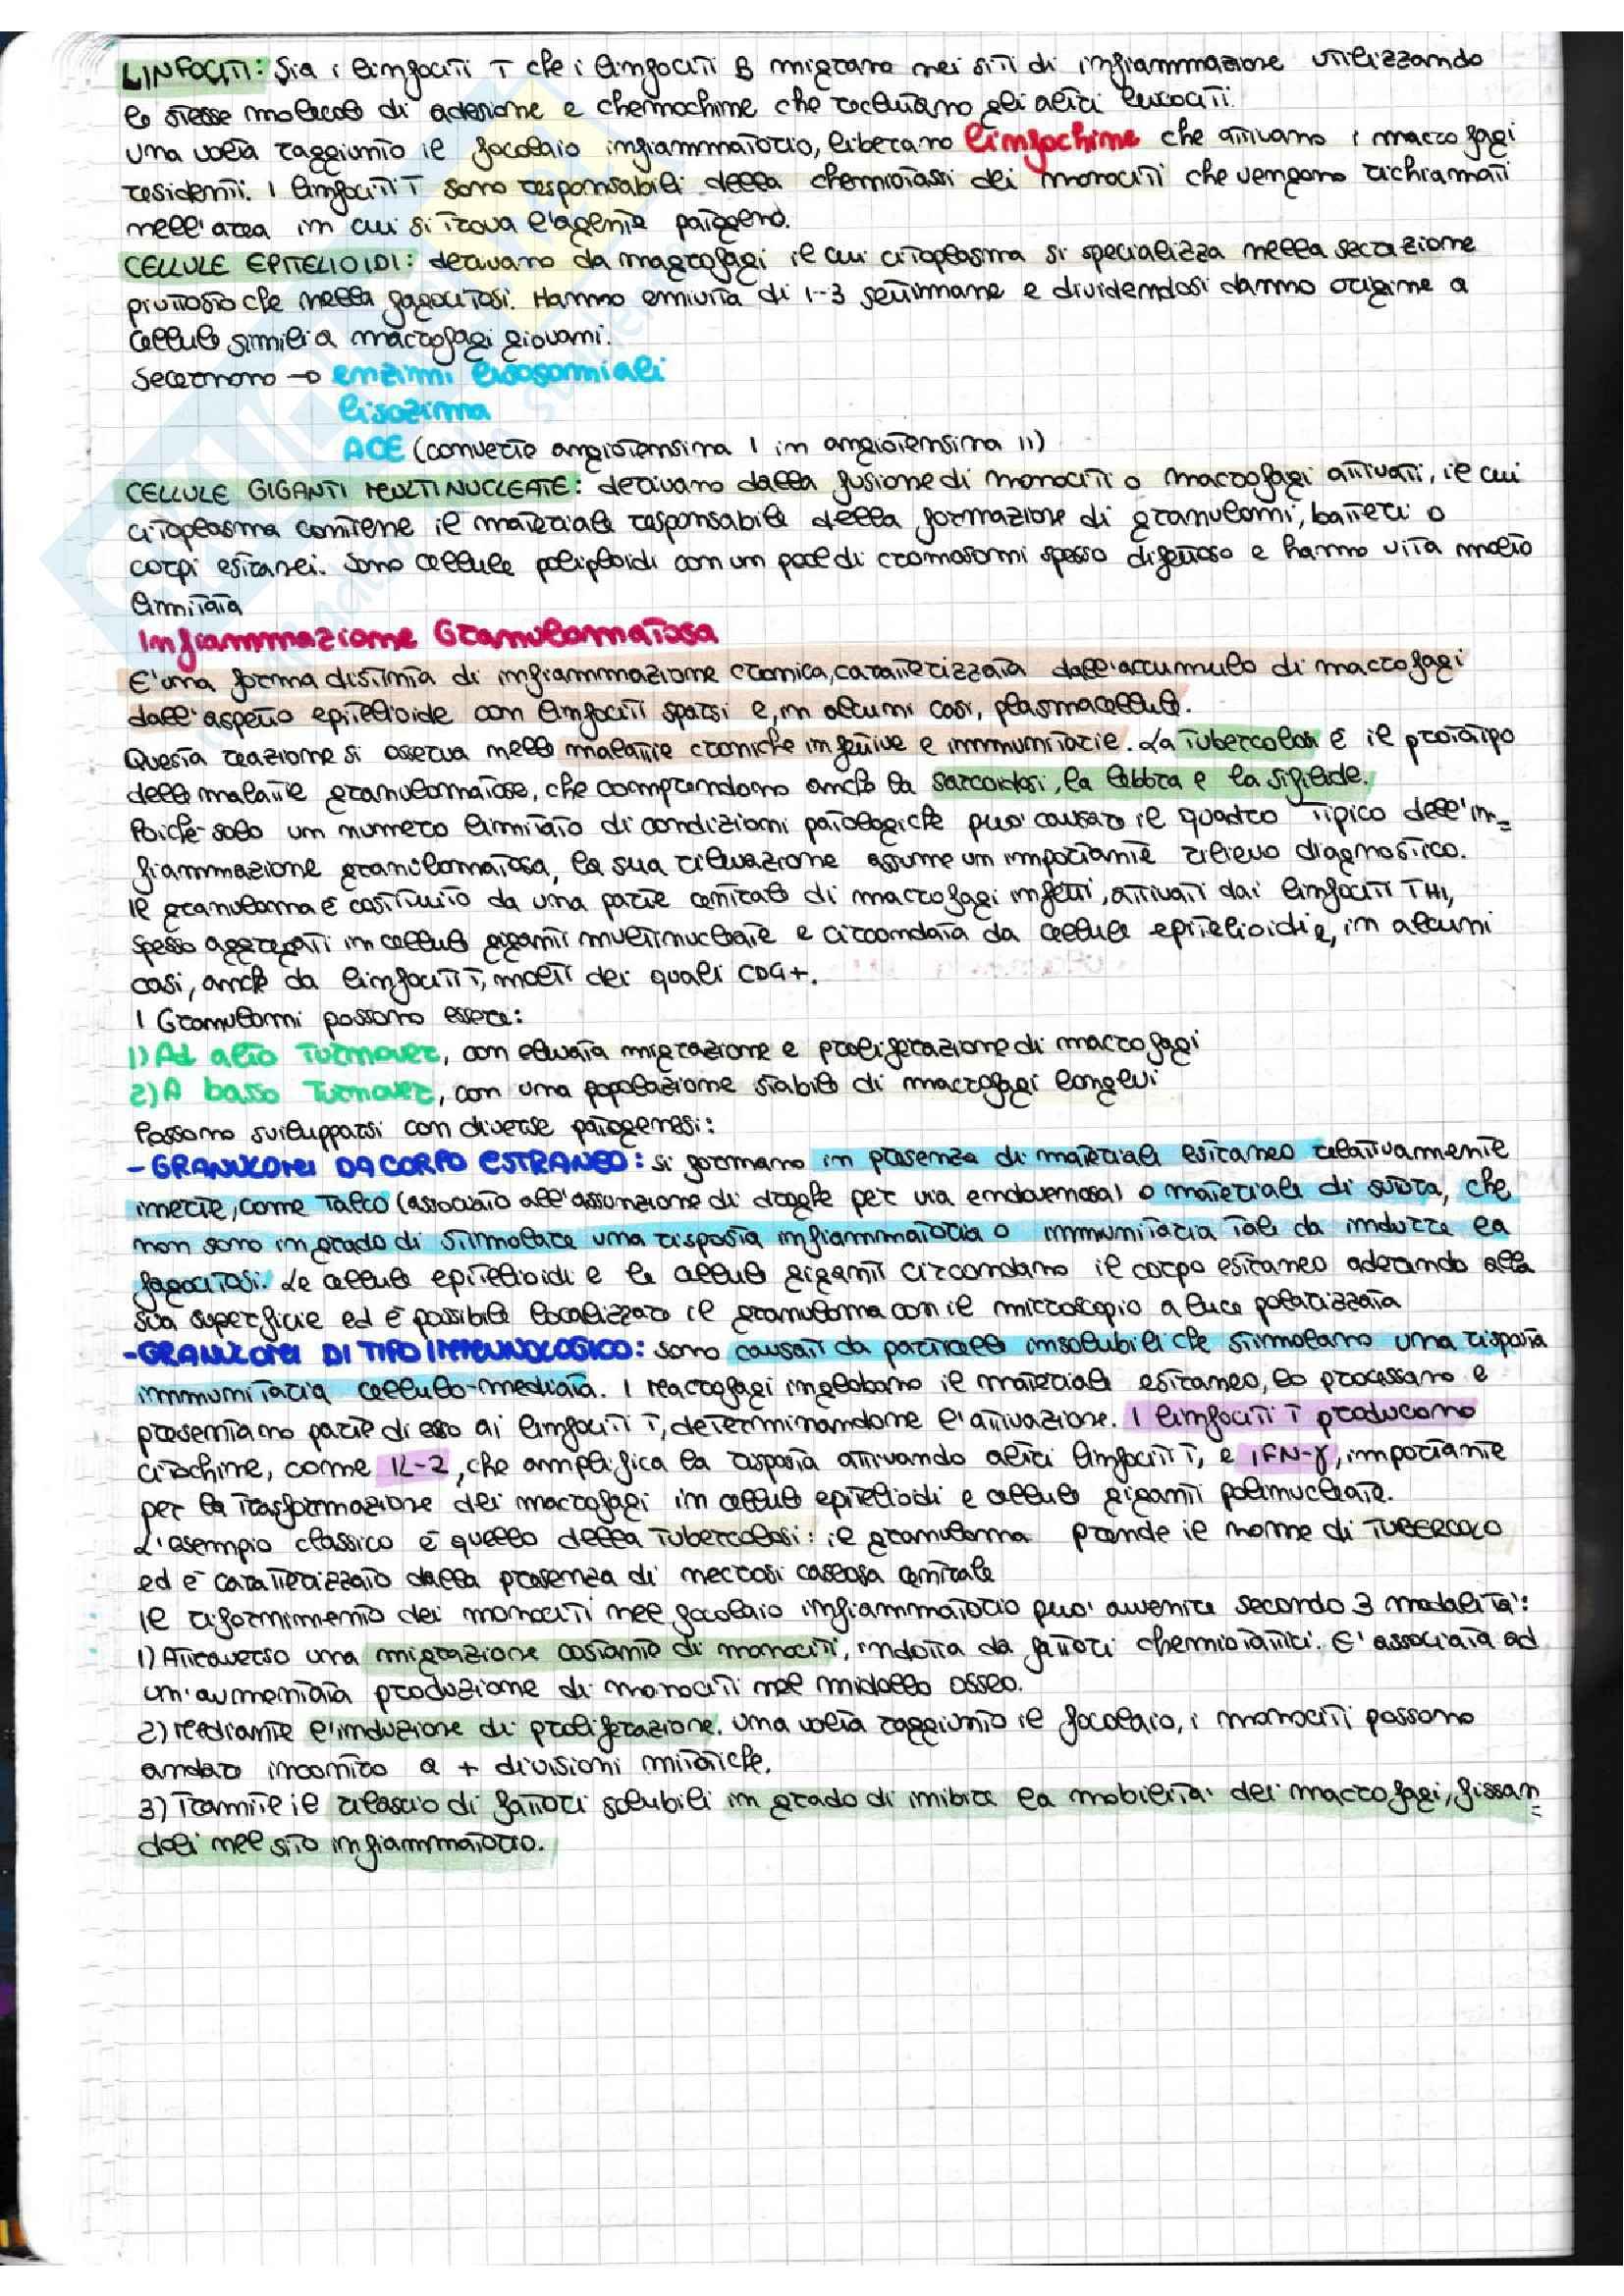 Infiammazione acuta e cronica + schemi riassuntivi Pag. 11